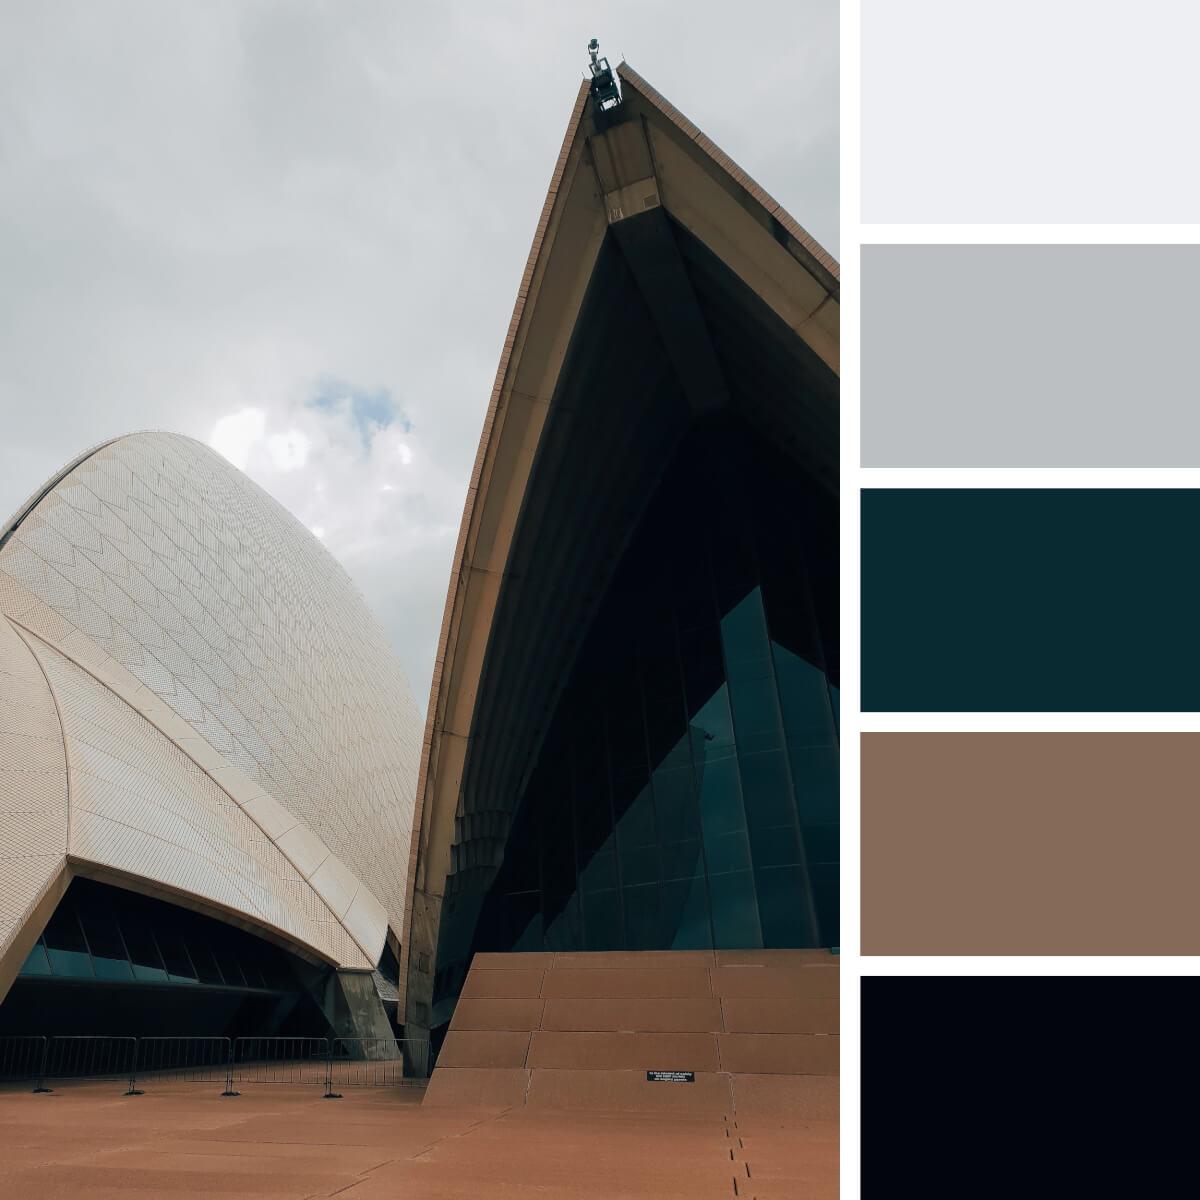 Neutral Gray & Beige